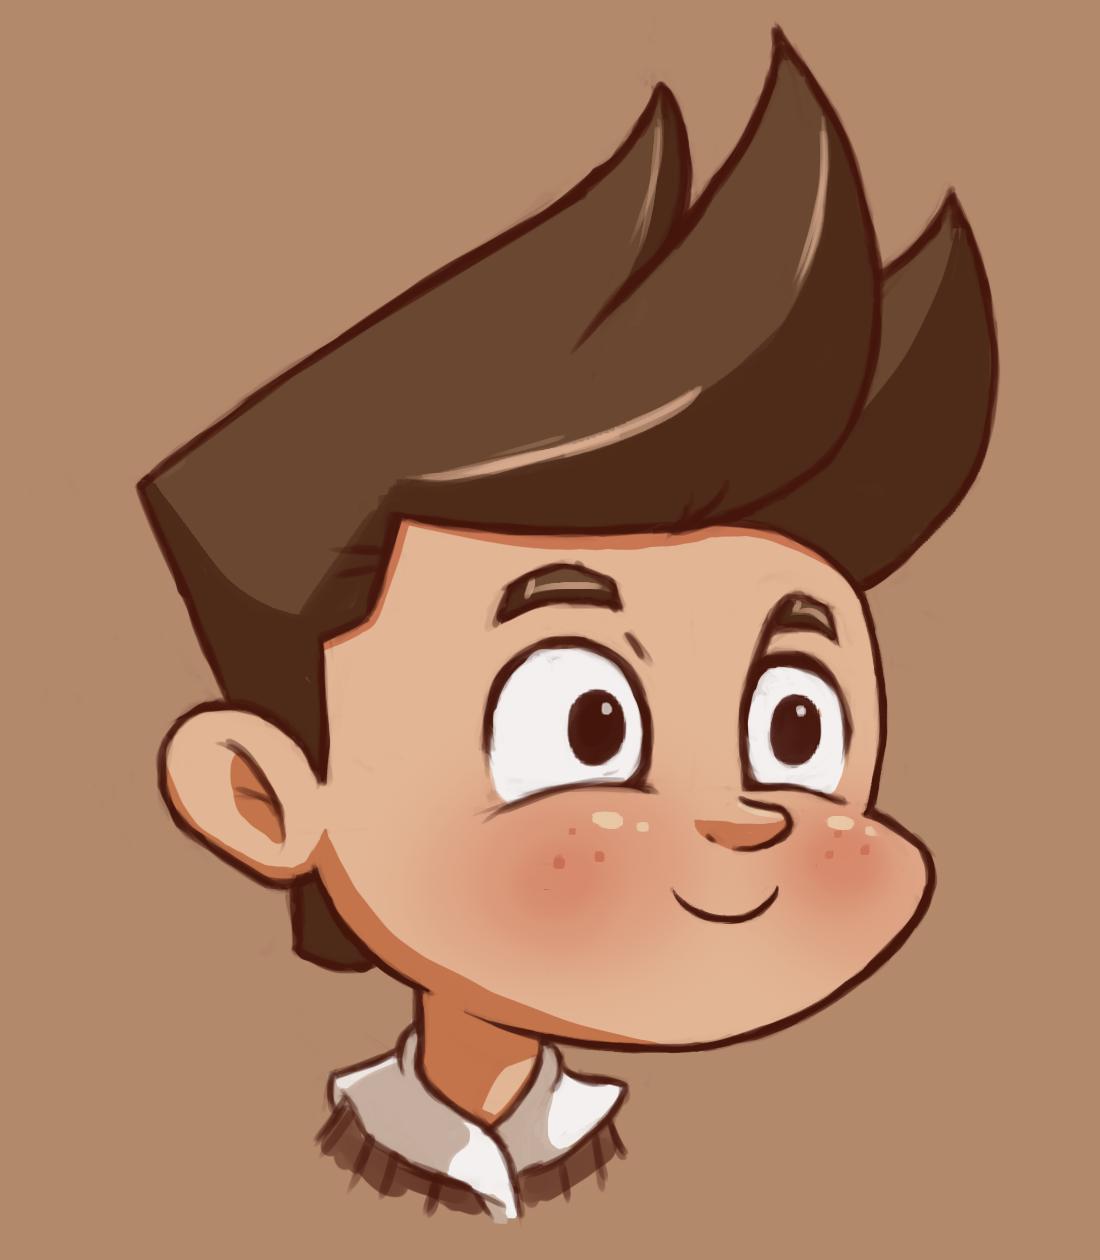 A Happy Chipmunk